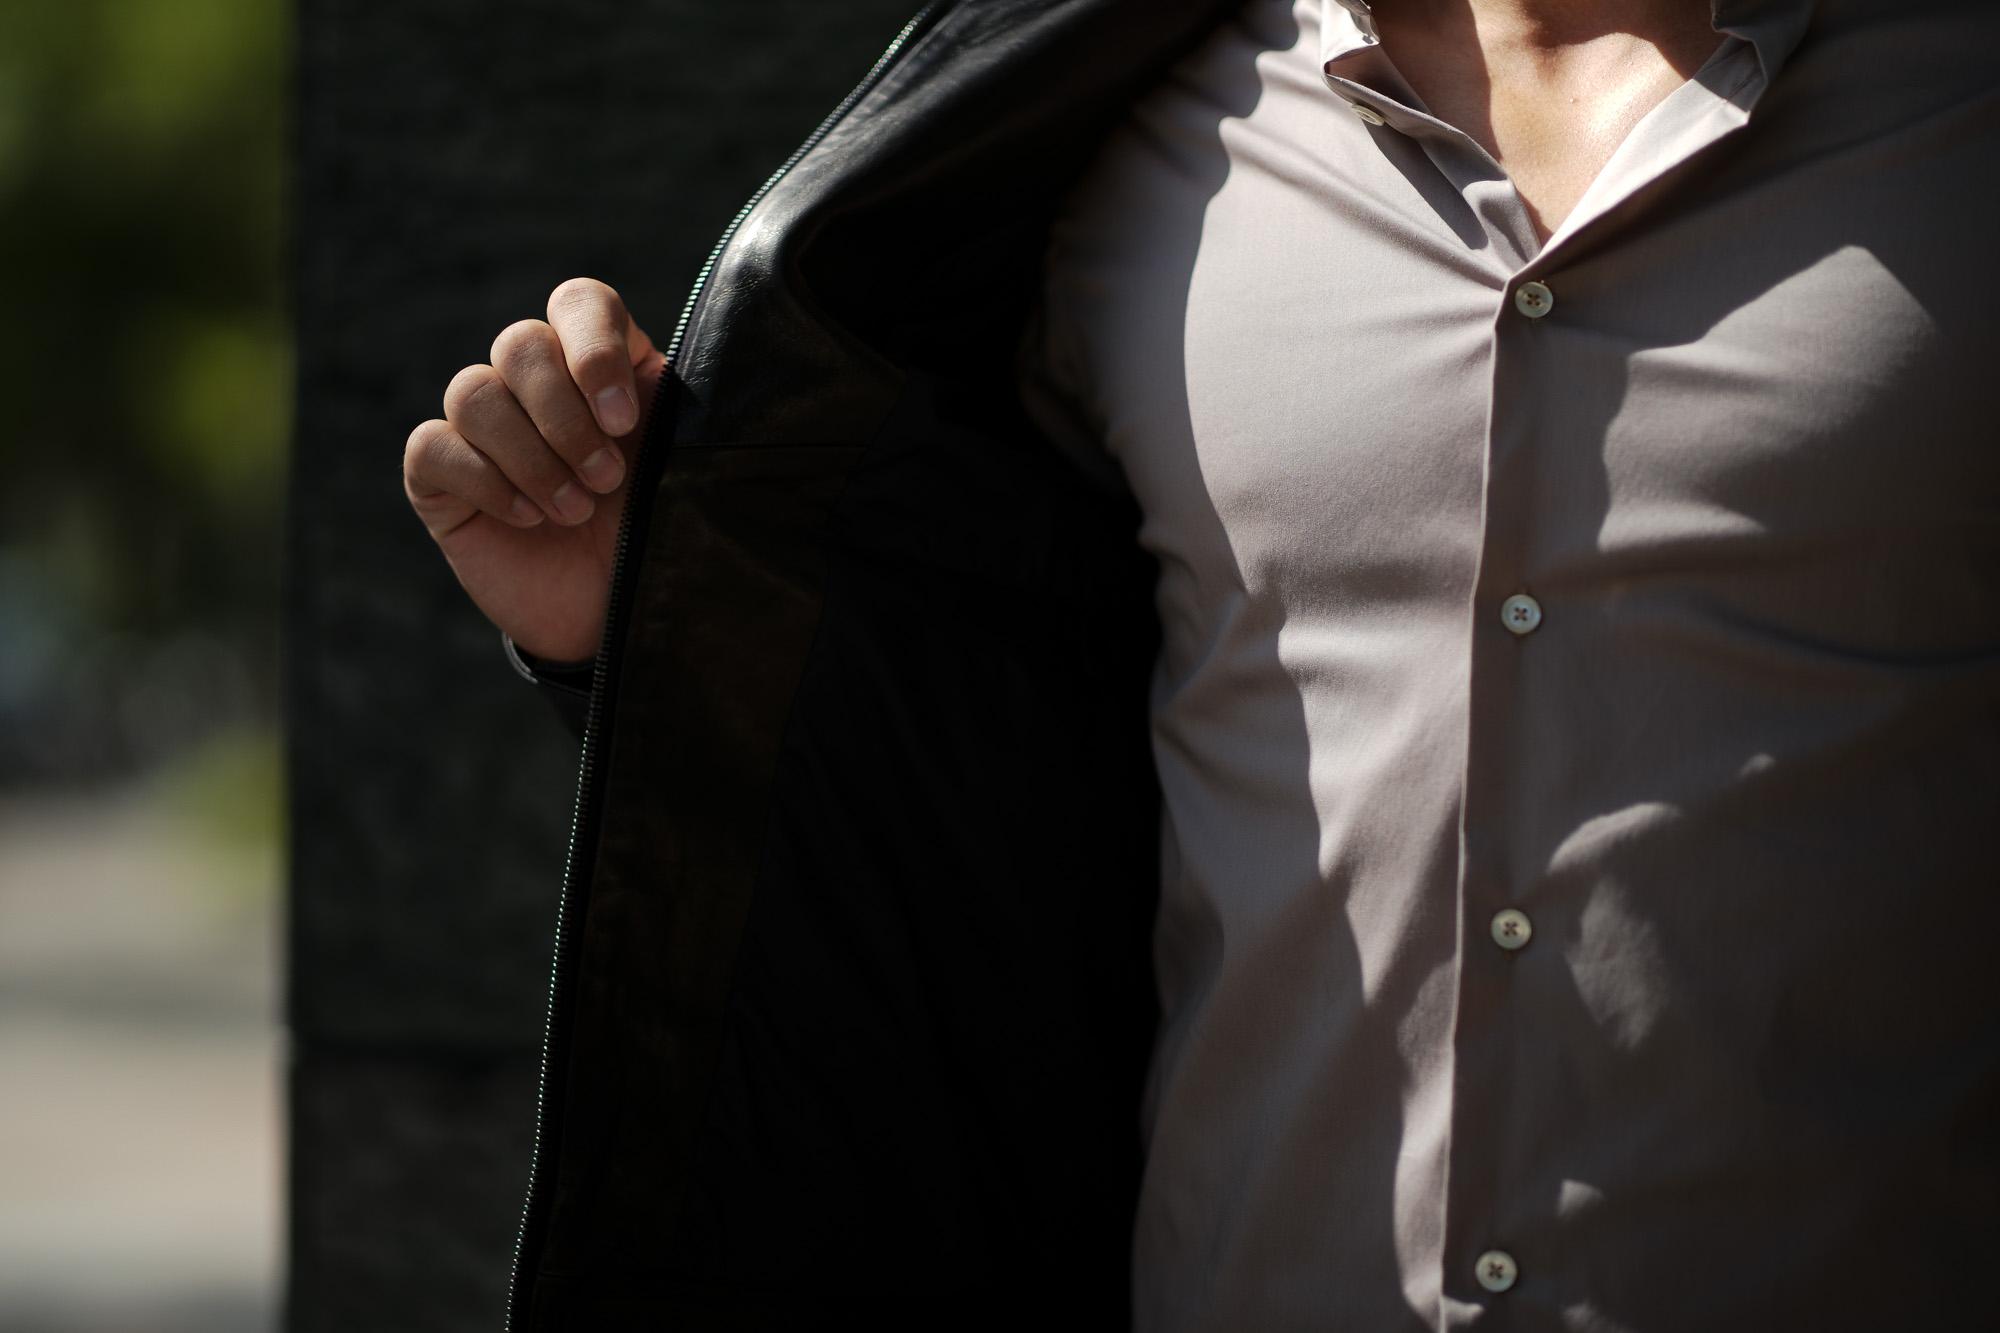 EMMETI(エンメティ) JURI(ユリ) Lambskin nappa Leather シングルライダース レザージャケット NERO (ブラック) made in italy (イタリア製) 2019 秋冬【第1便ご予約受付中】 愛知 alto e diritto アルトエデリット altoediritto 干場さん 干場着 ユーリ